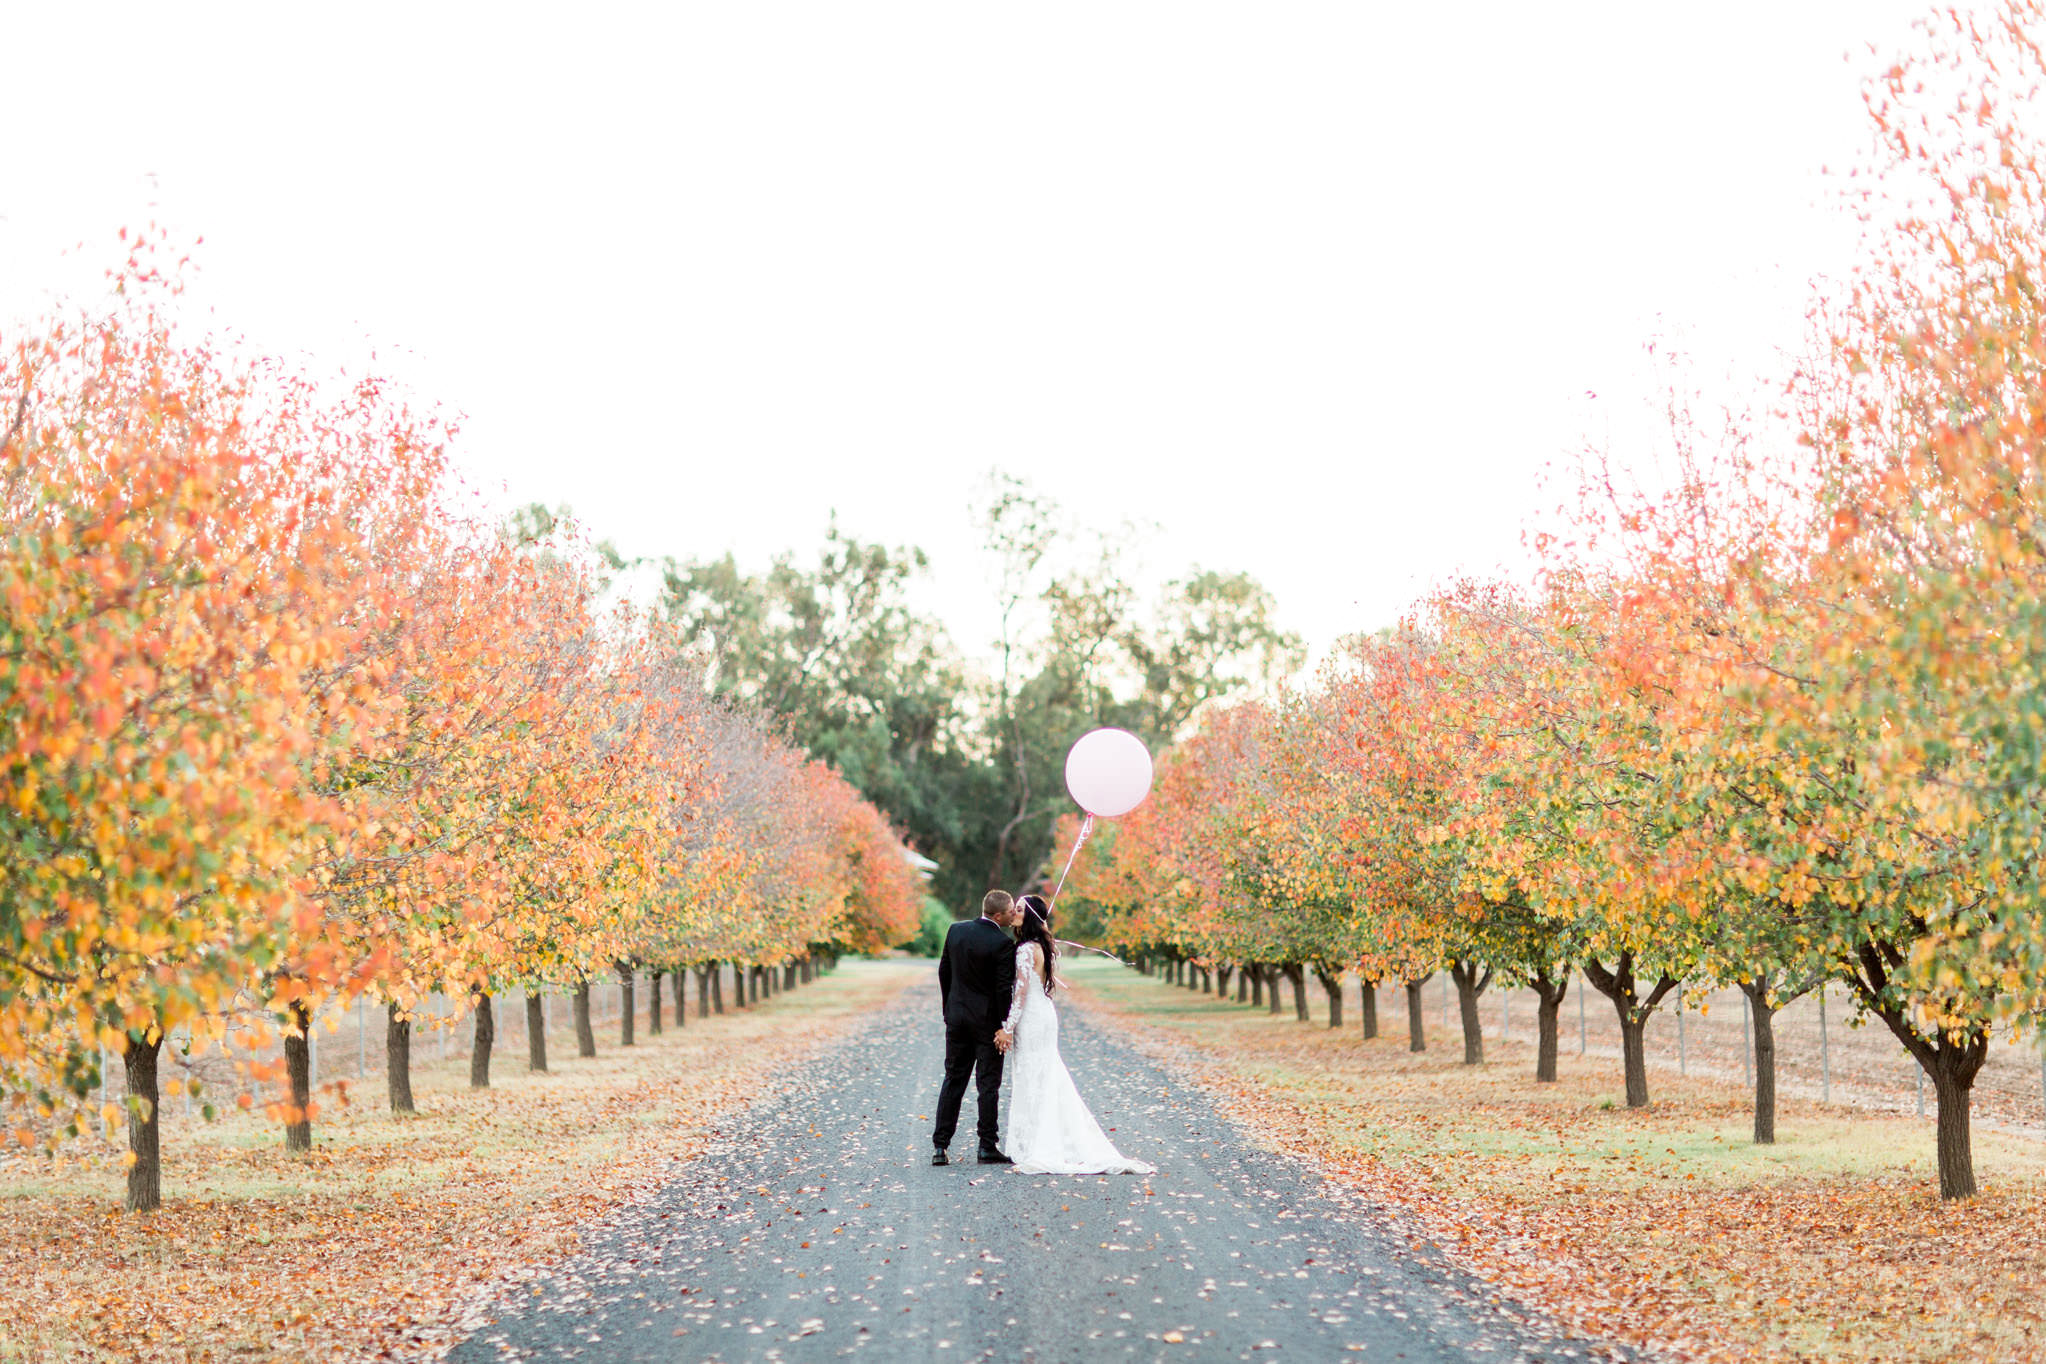 WeddingPhotos_Facebook_2046pixels-1608.jpg